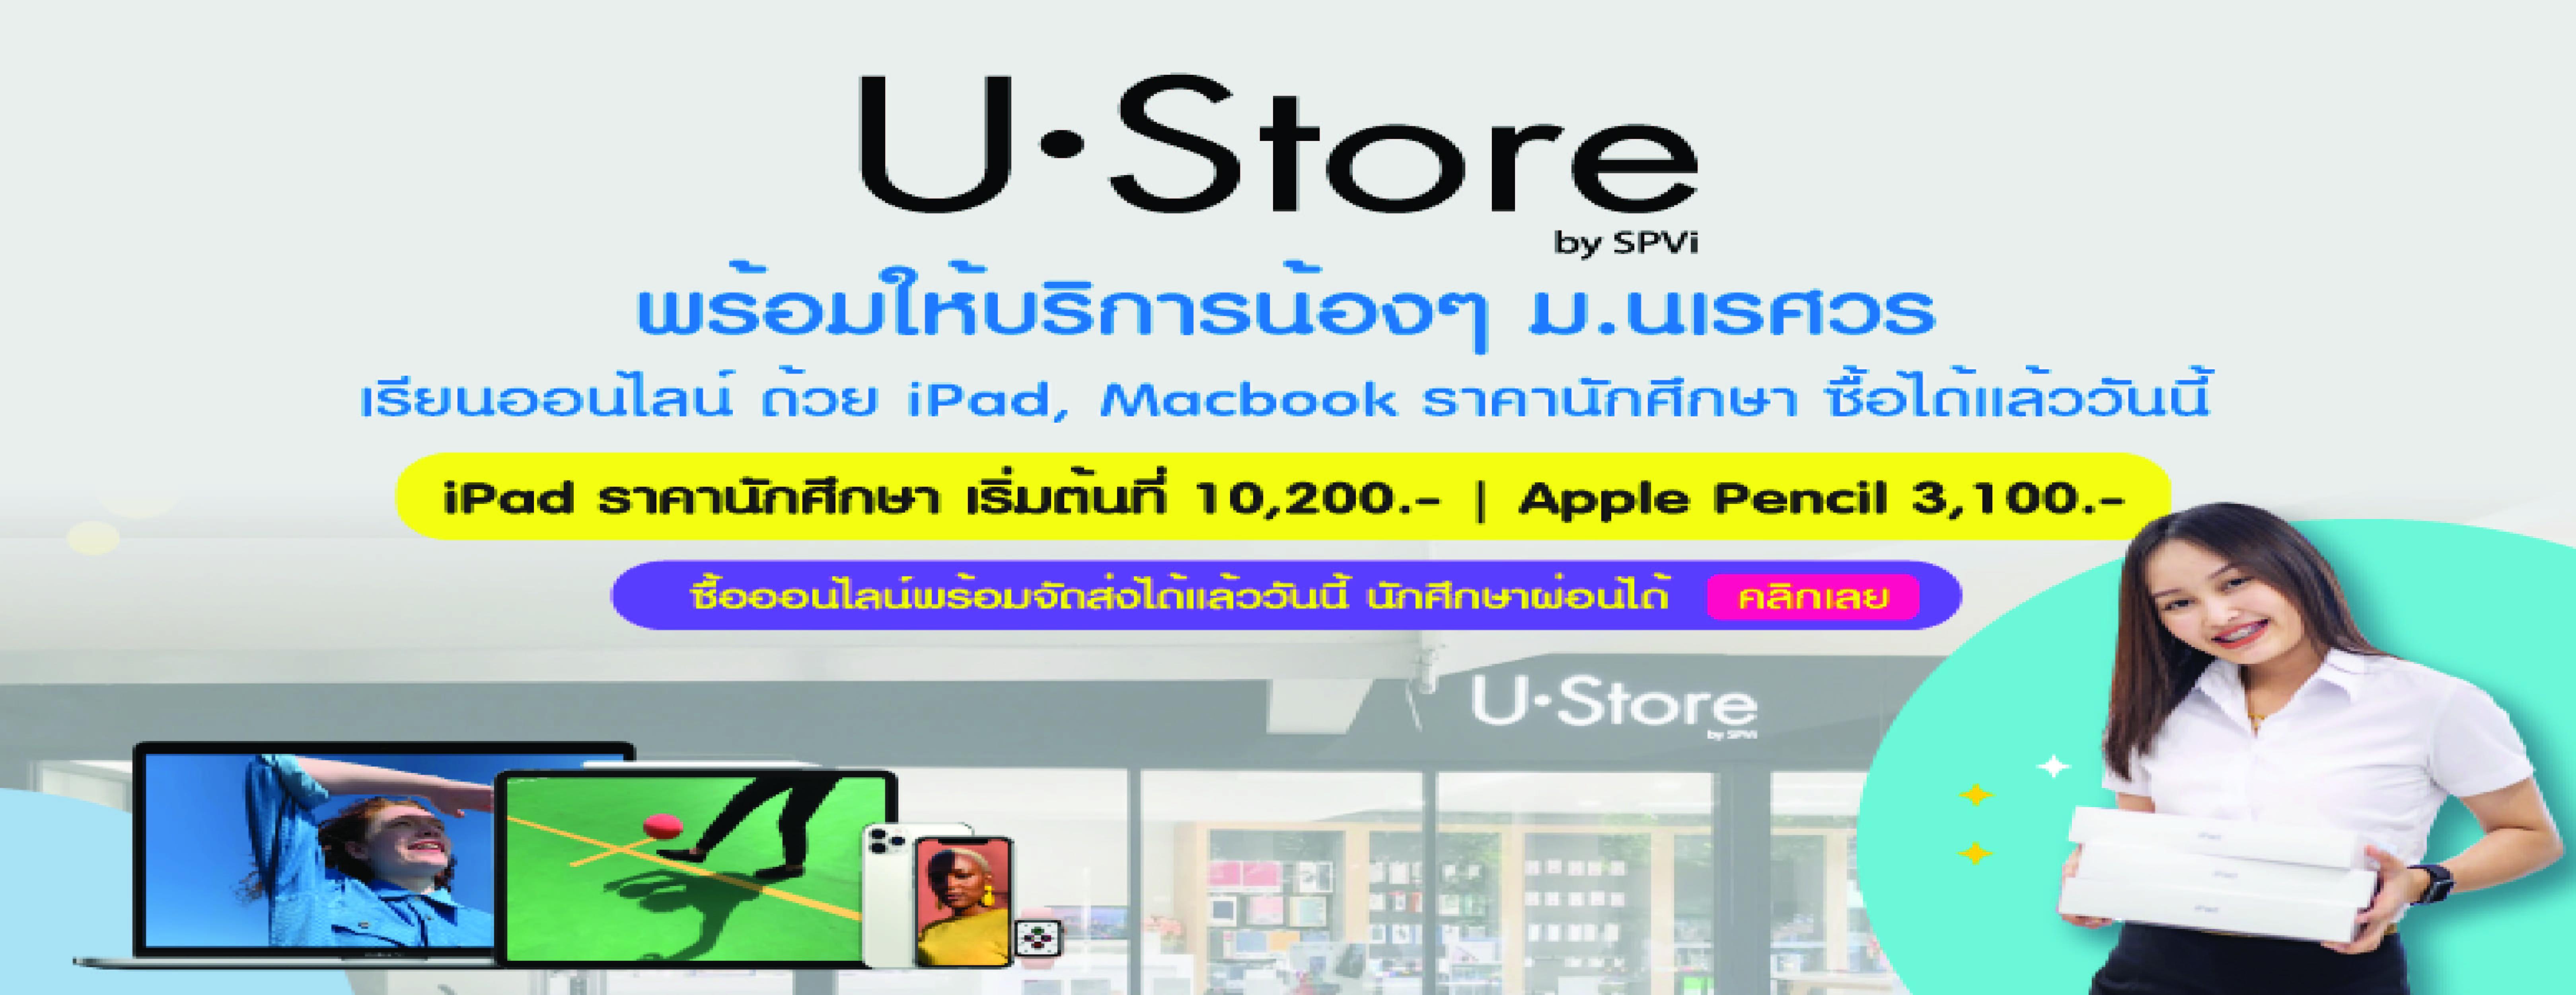 เรียนออนไลน์ กับอุปกรณ์ Apple ราคาเพื่อการศึกษาได้แล้ว สะดวกสบายเพียงสั่งออนไลน์ กับทาง U•Store